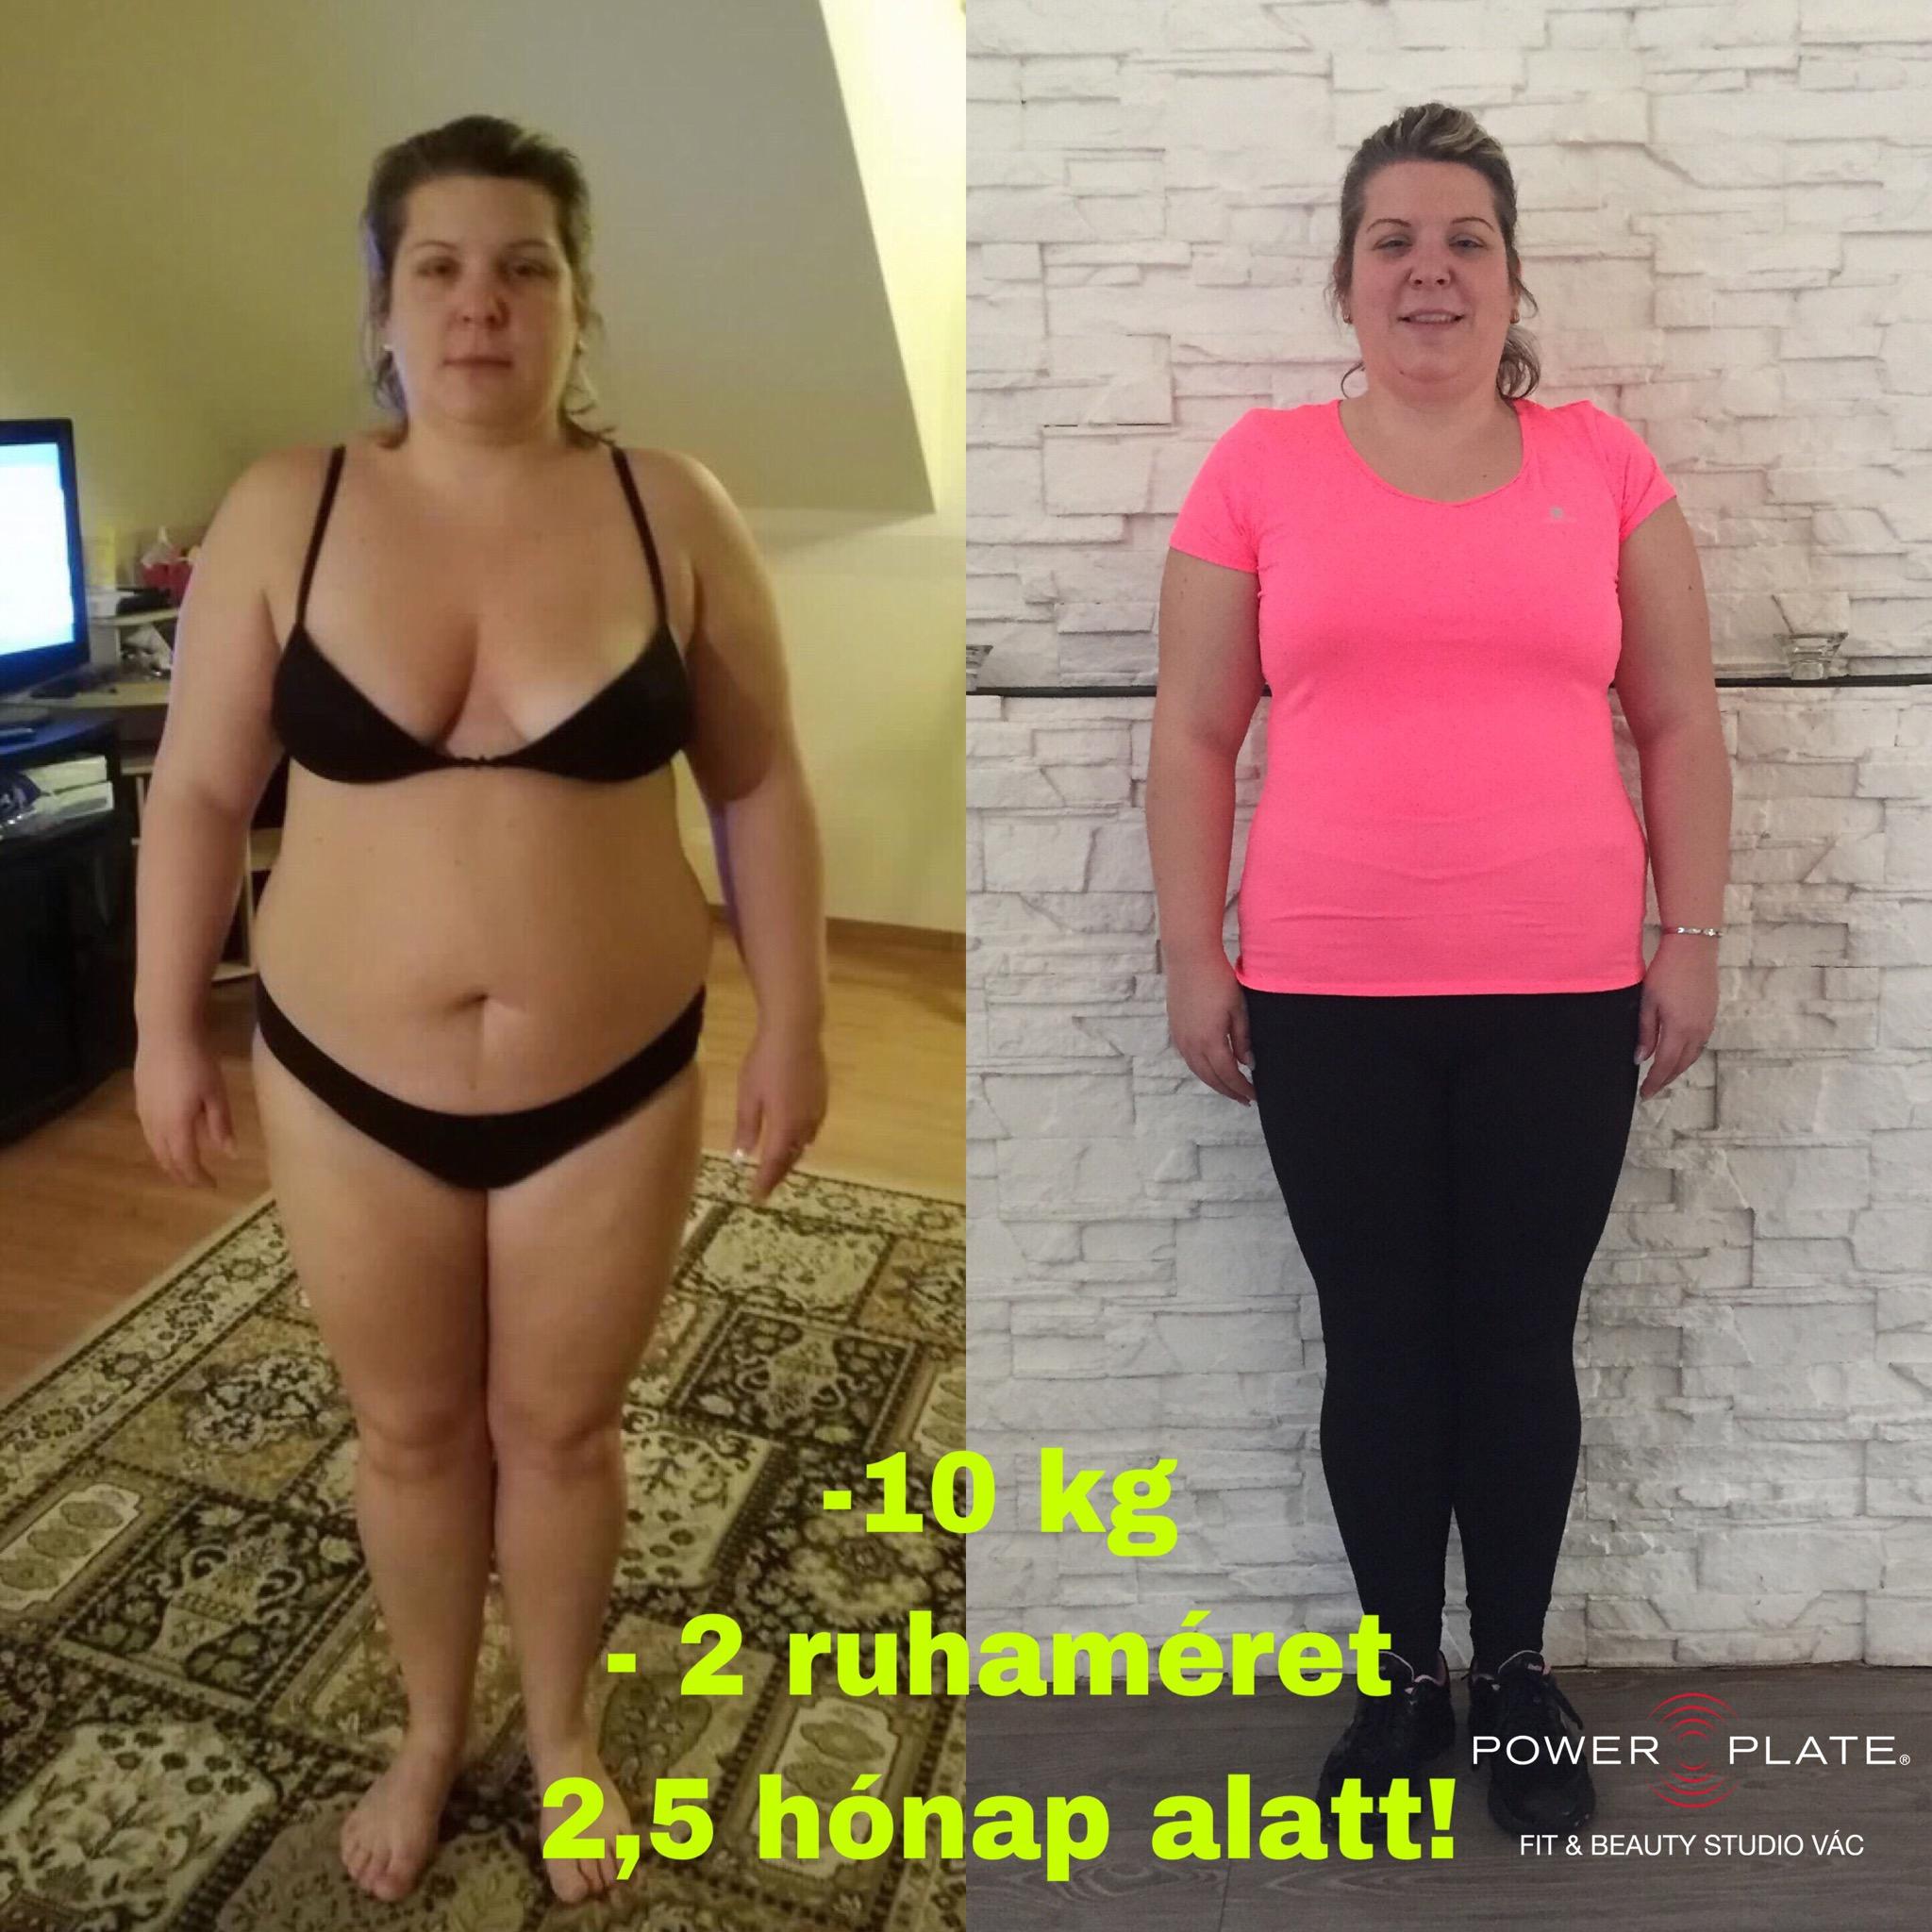 Heti 5 kg súlycsökkenés